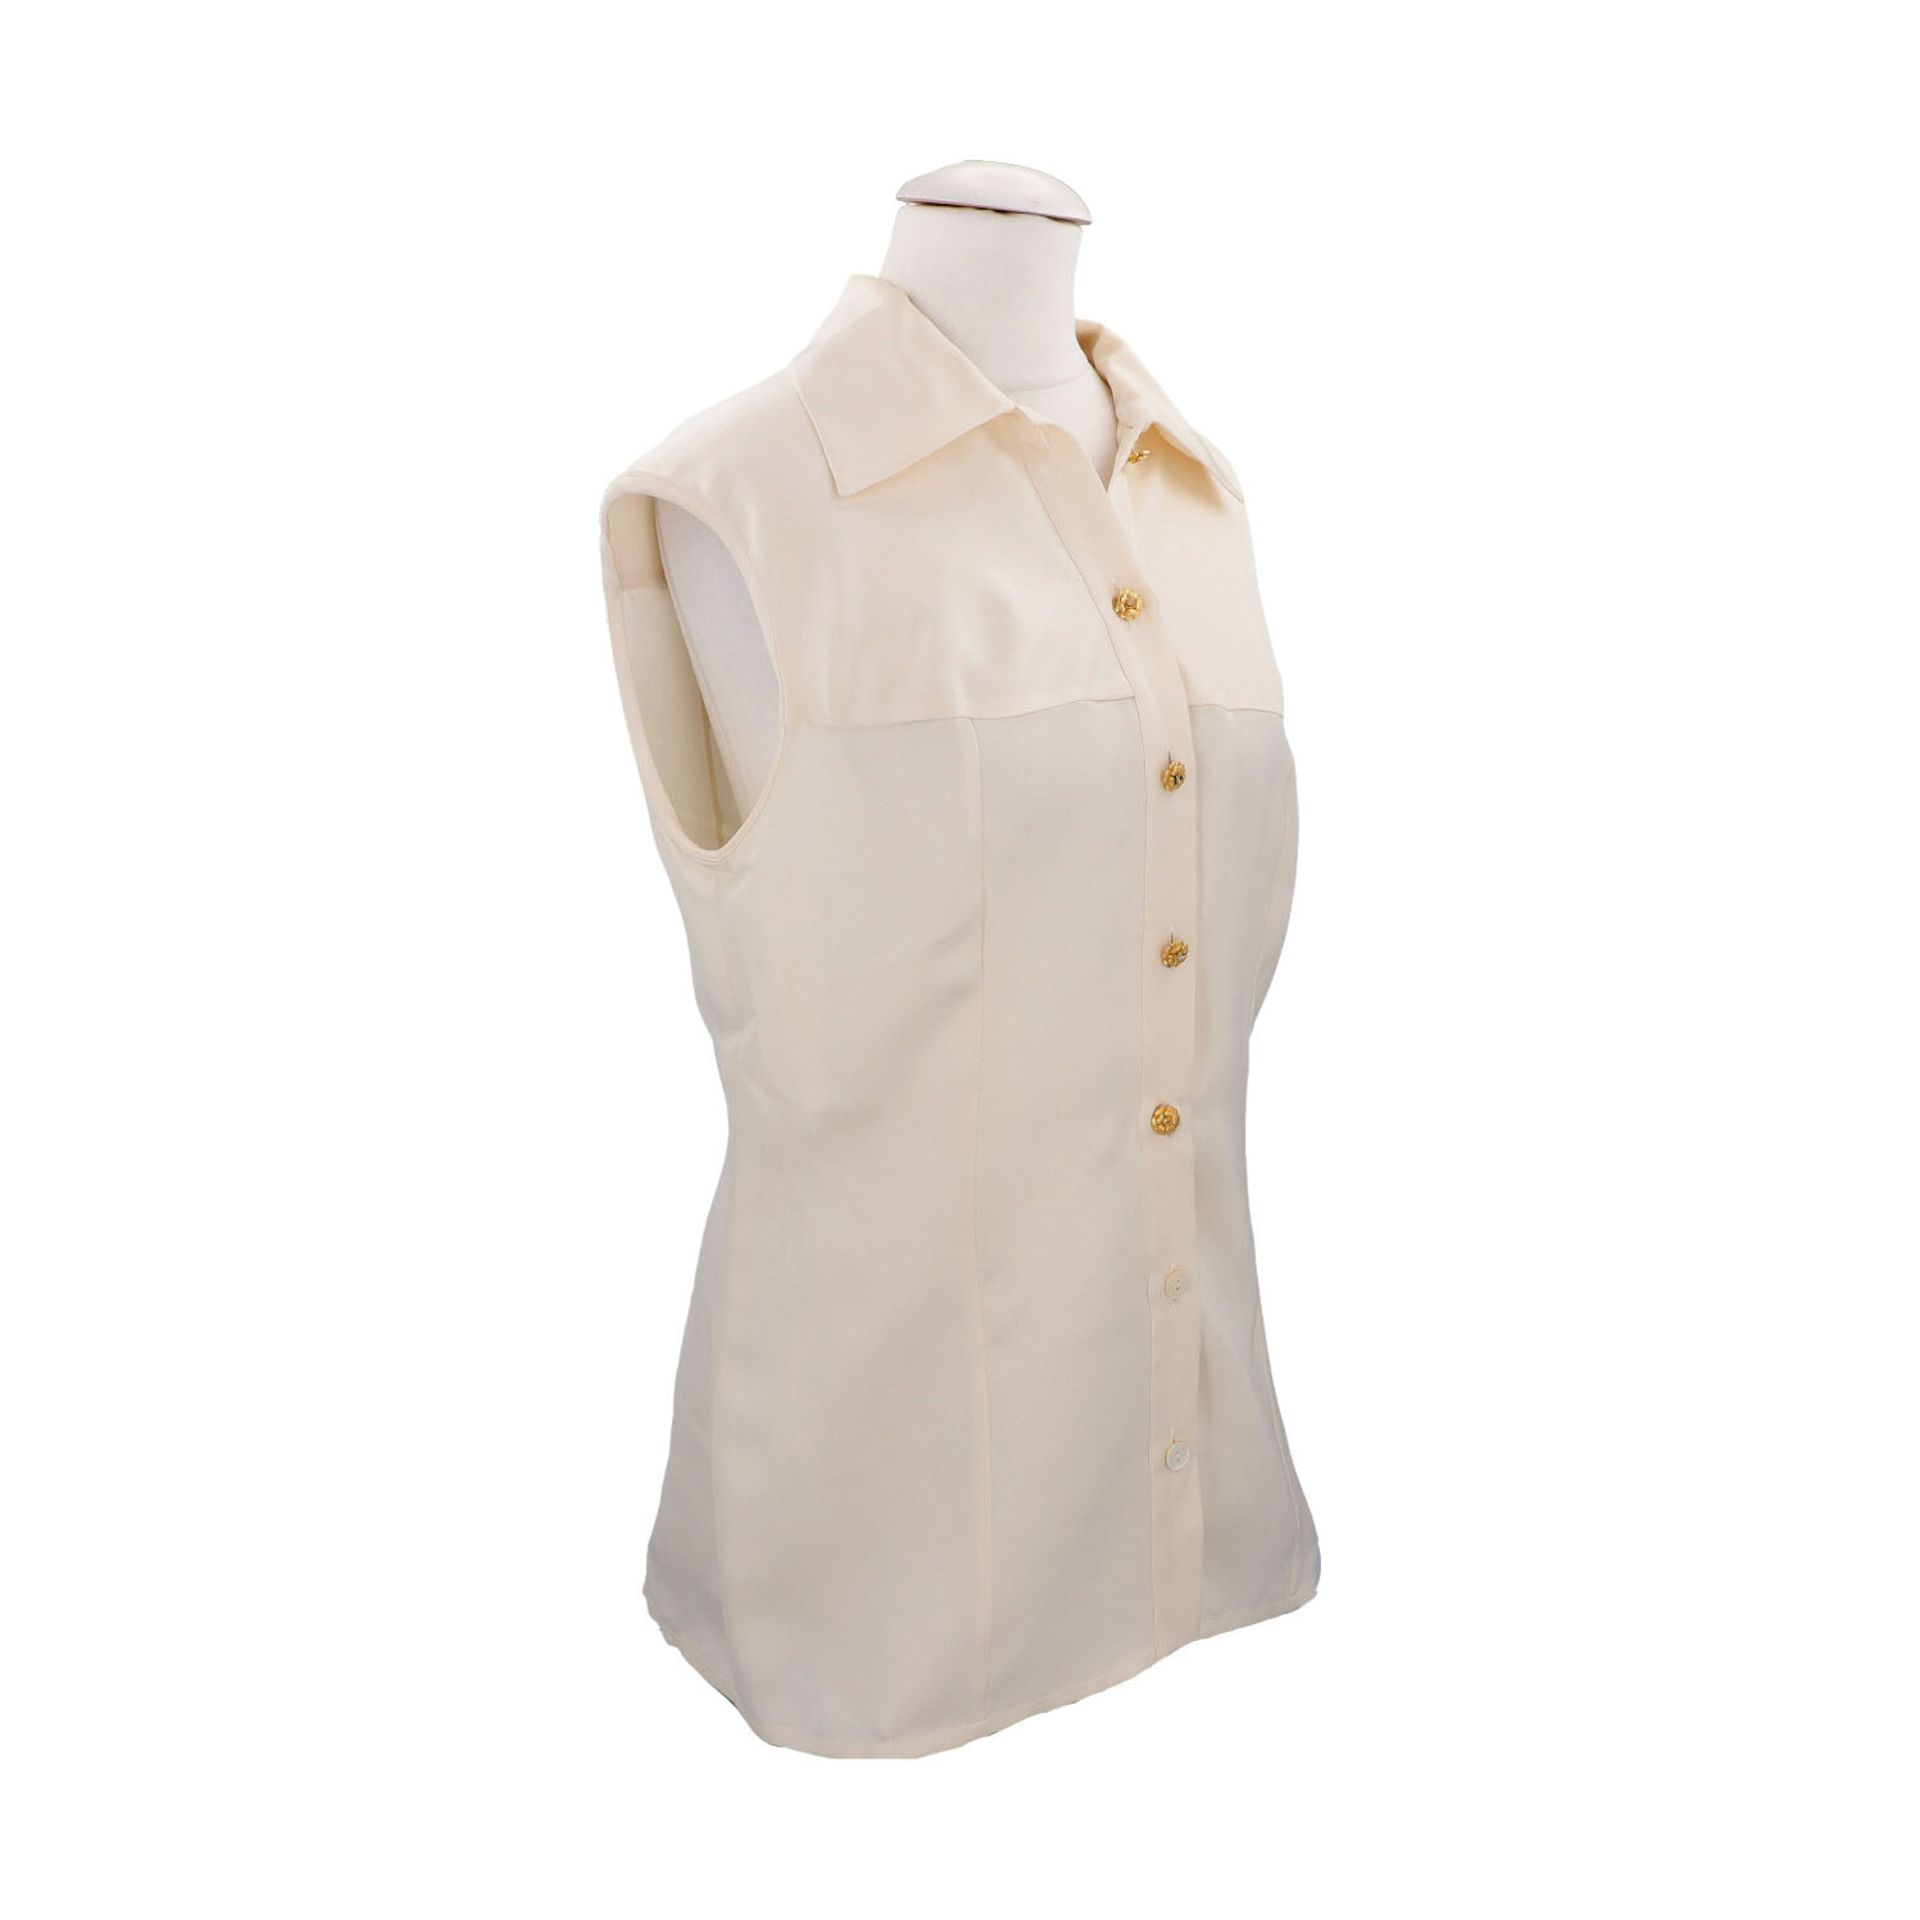 CHANEL BOUTIQUE Bluse, Gr. 42.Herstellergröße 44. Cremefarbenes Seiden-Modell mit Umlegekragen und - Bild 2 aus 4